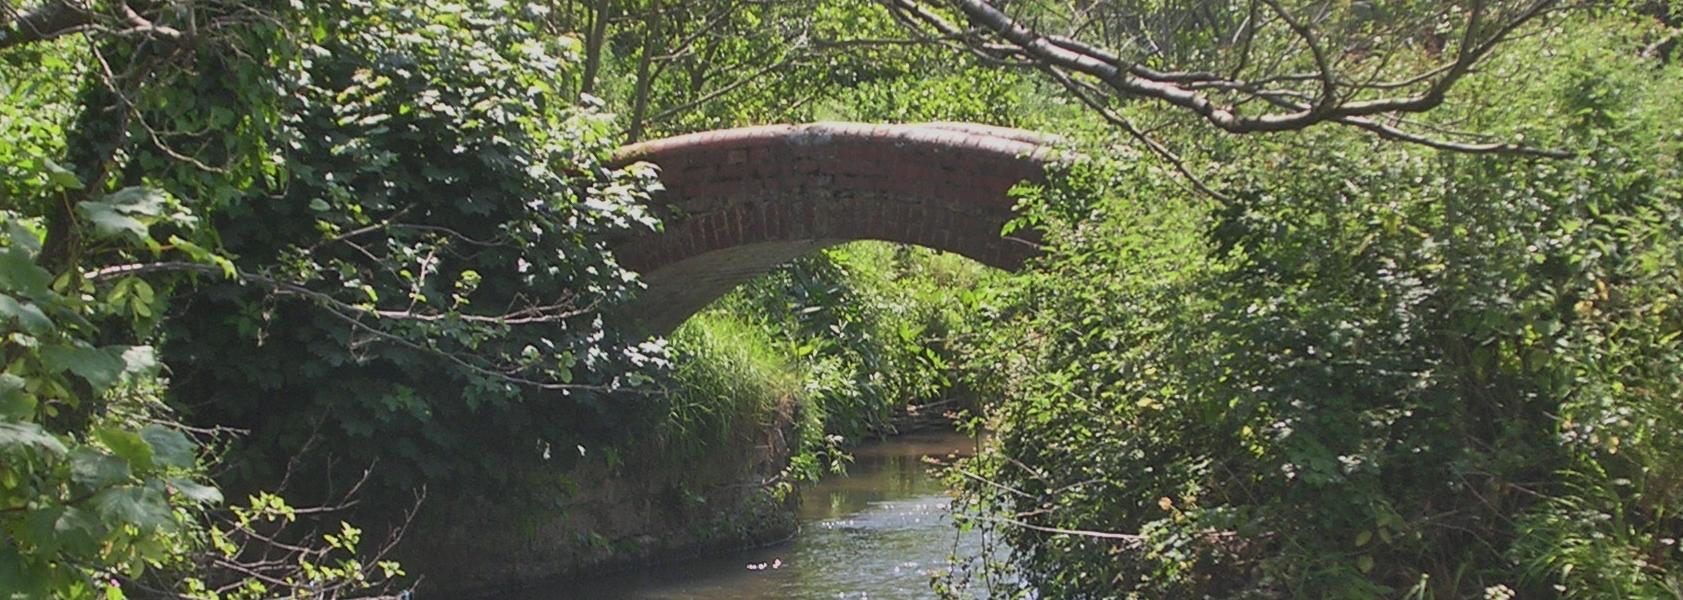 River Asker